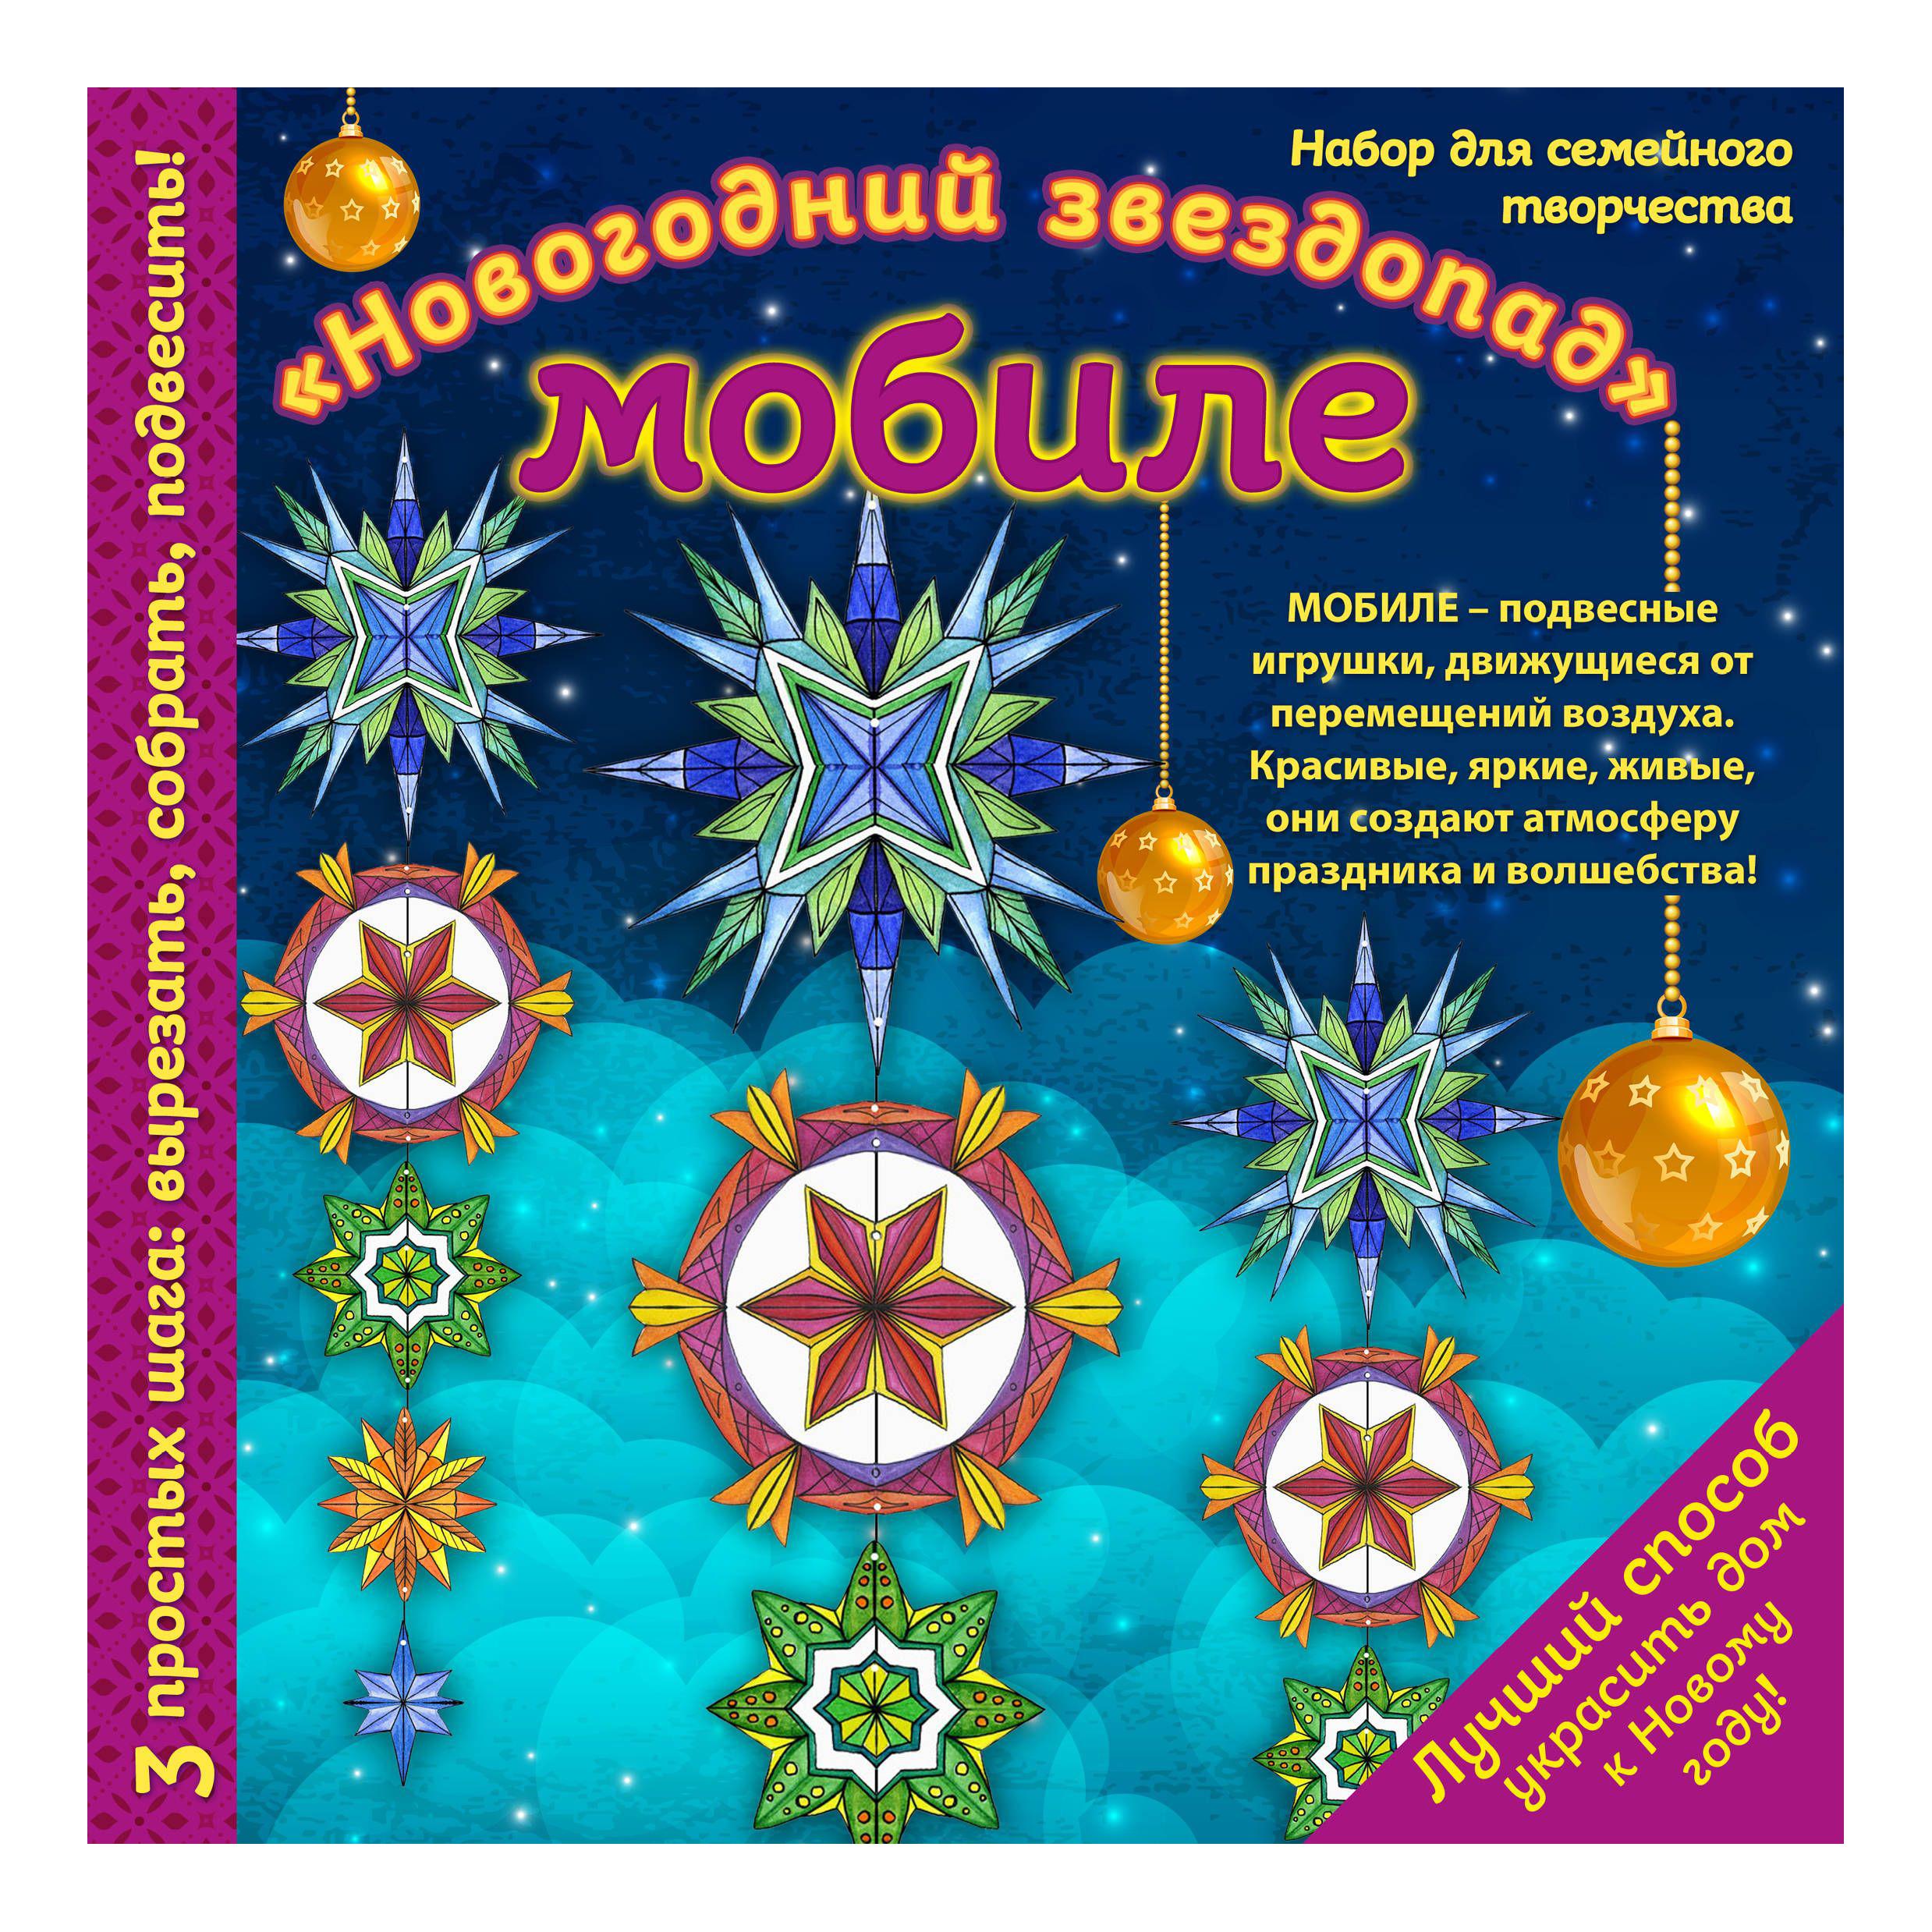 Купить Новогодний звездопад, Новогодний мобиле новогодний звездопад, Эксмо, Рукоделие